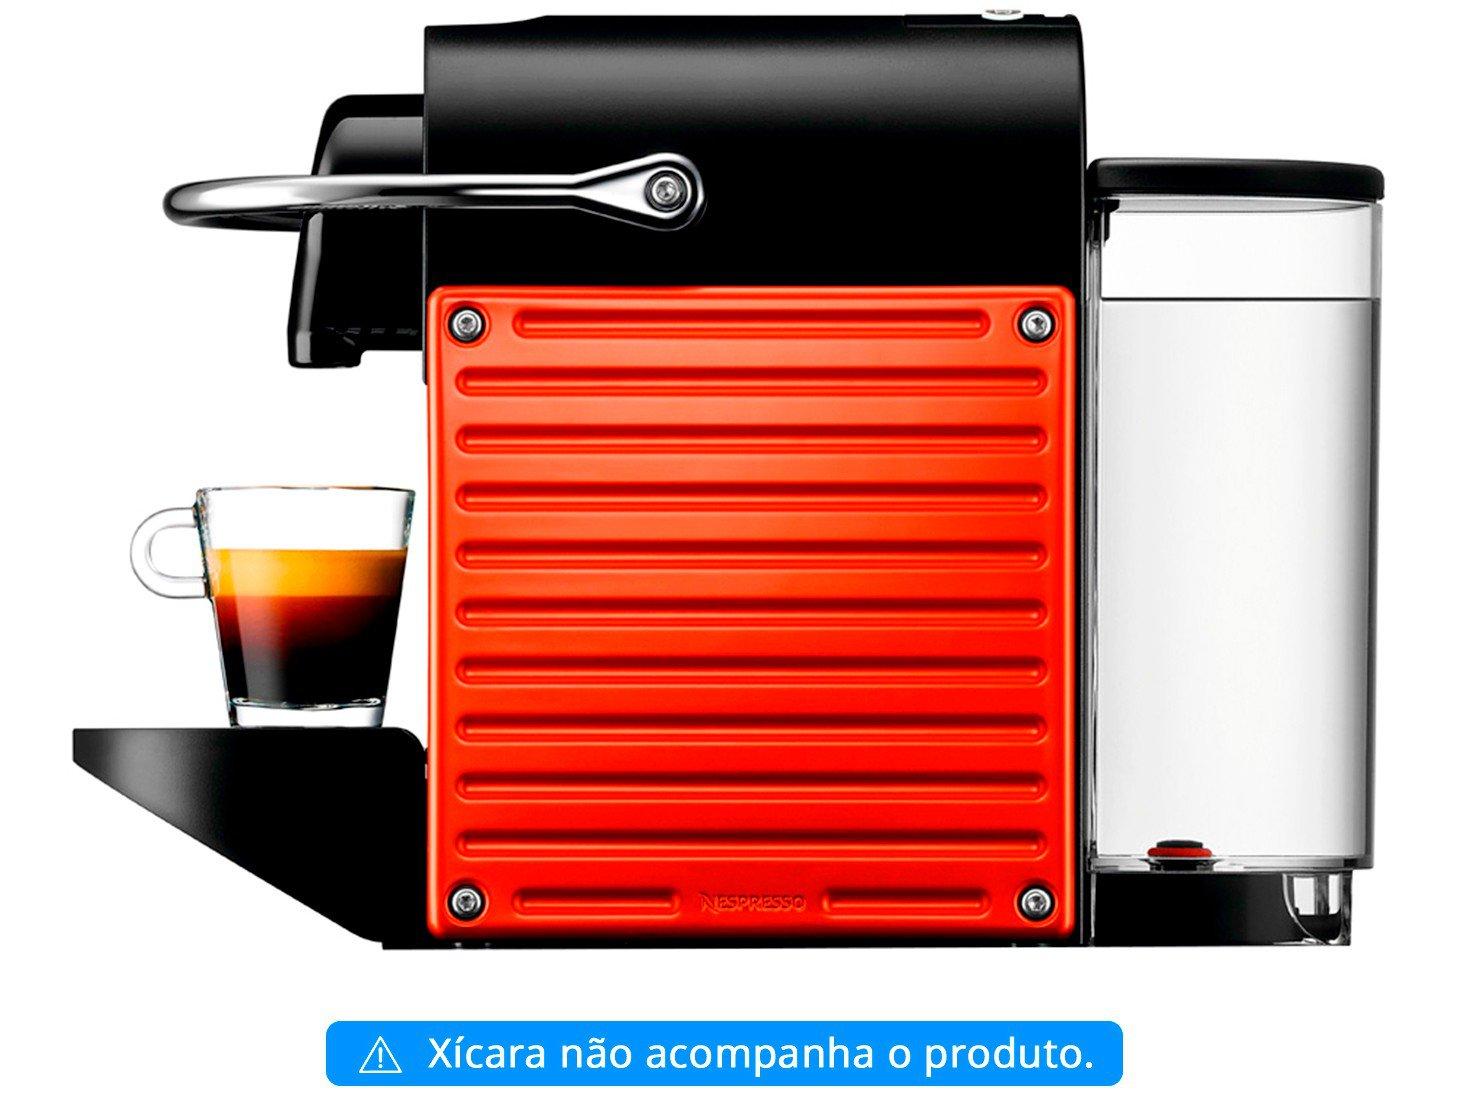 Cafeteira Expresso Pixie Nespresso de Cápsula - Vermelha 19 Bar - 110 V - 4